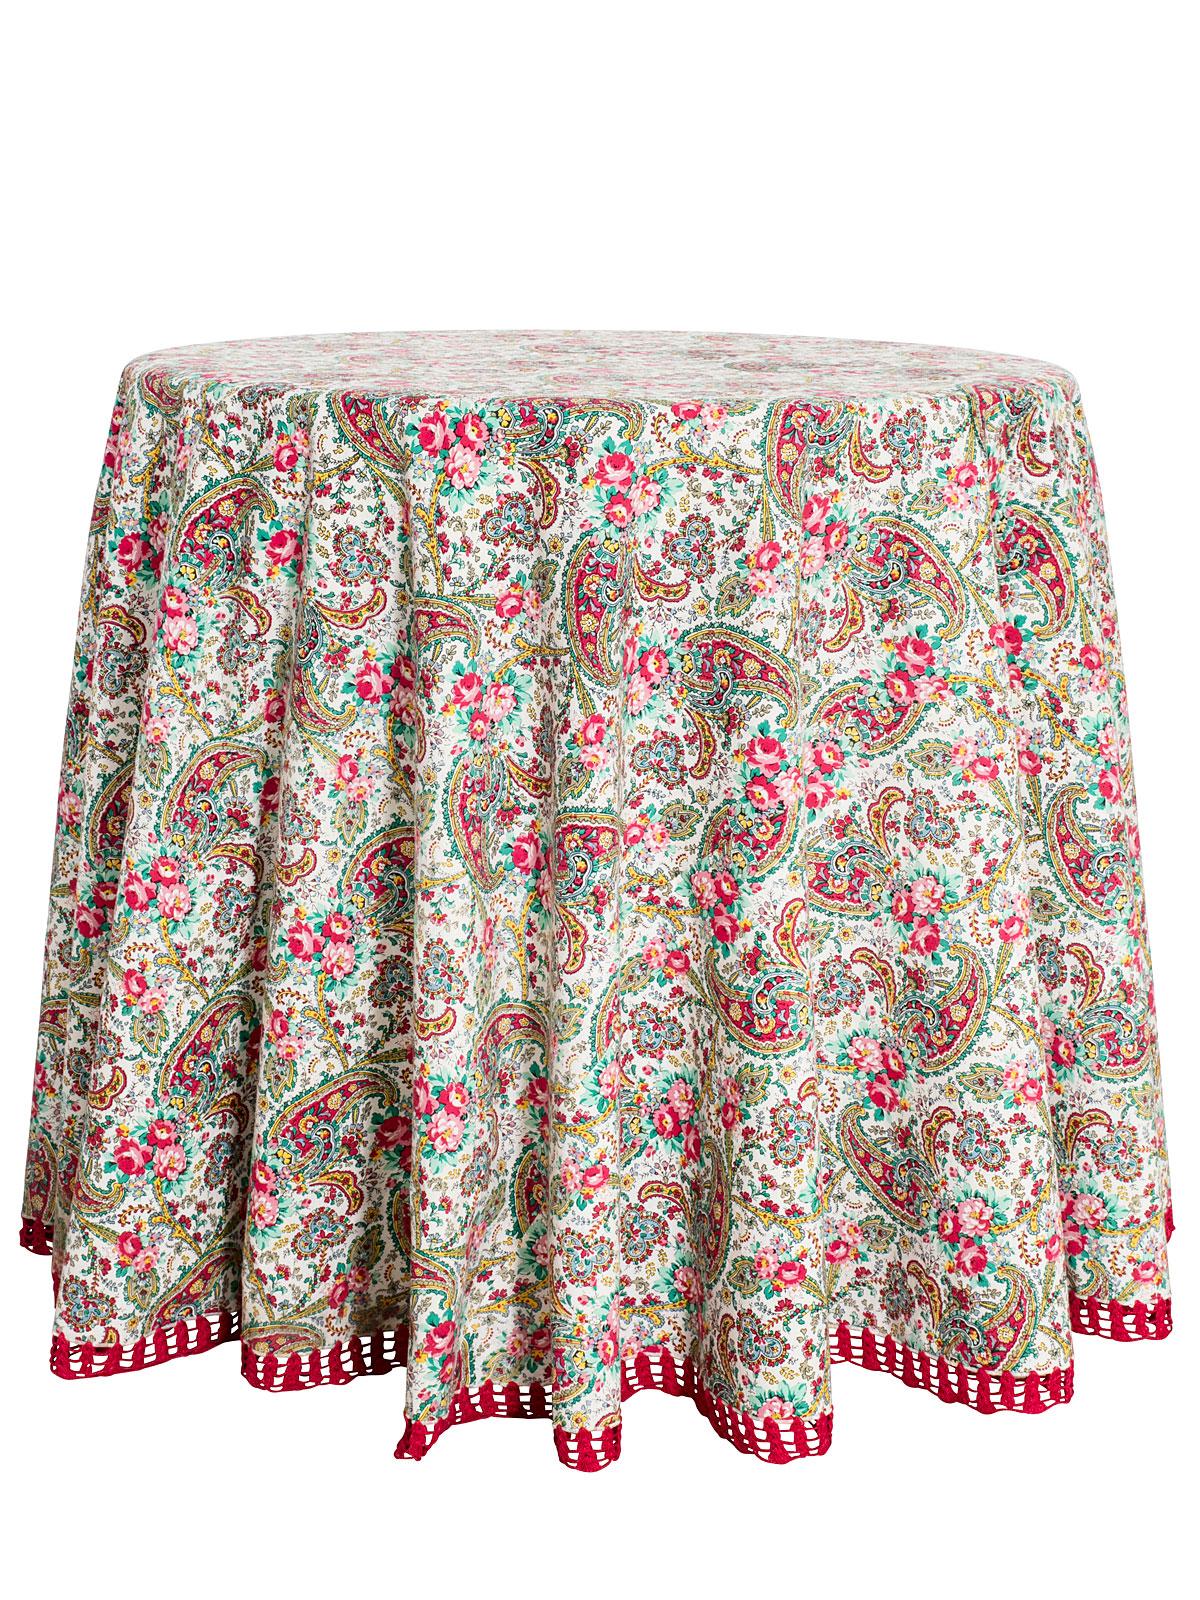 Garden Paisley Crochet Round Tablecloth